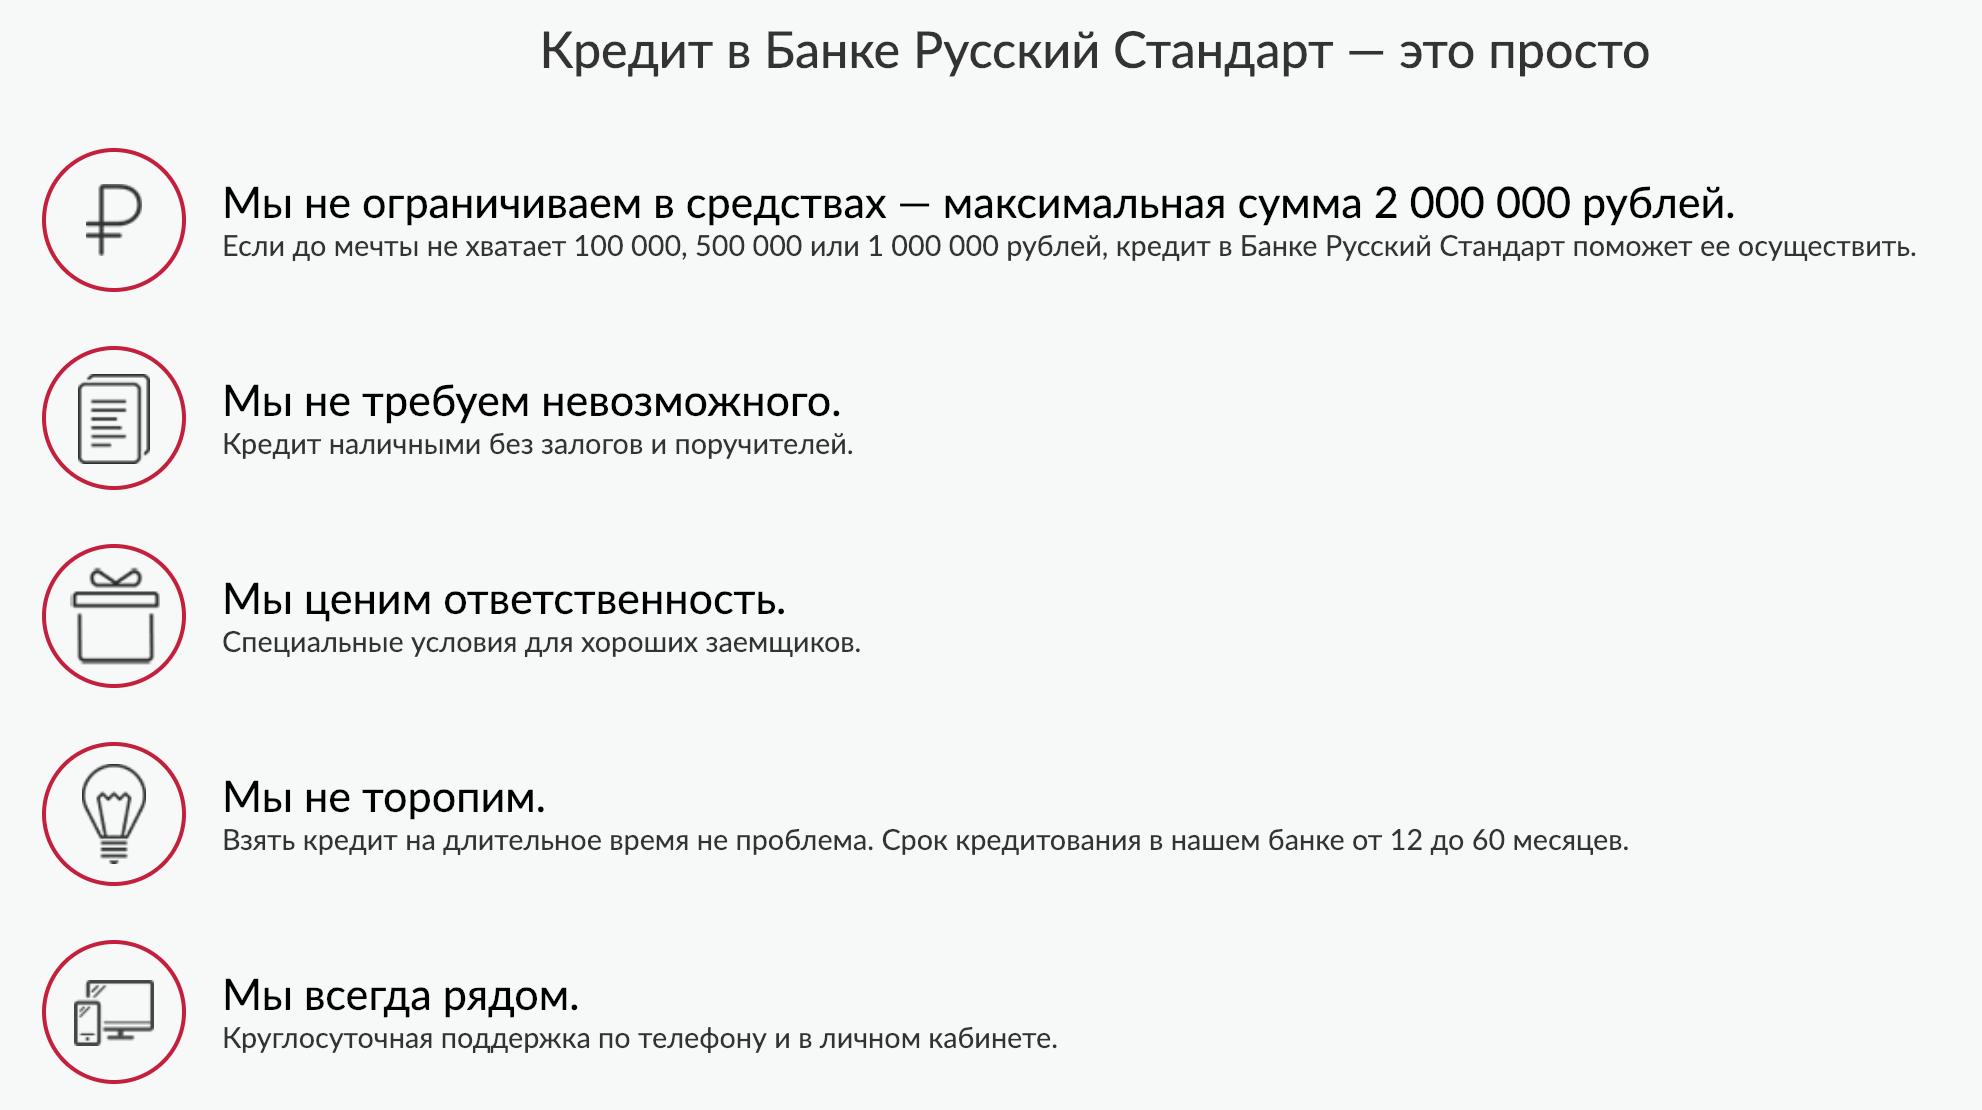 Взять кредит в банке русский стандарт i тесты финансы и кредит онлайн